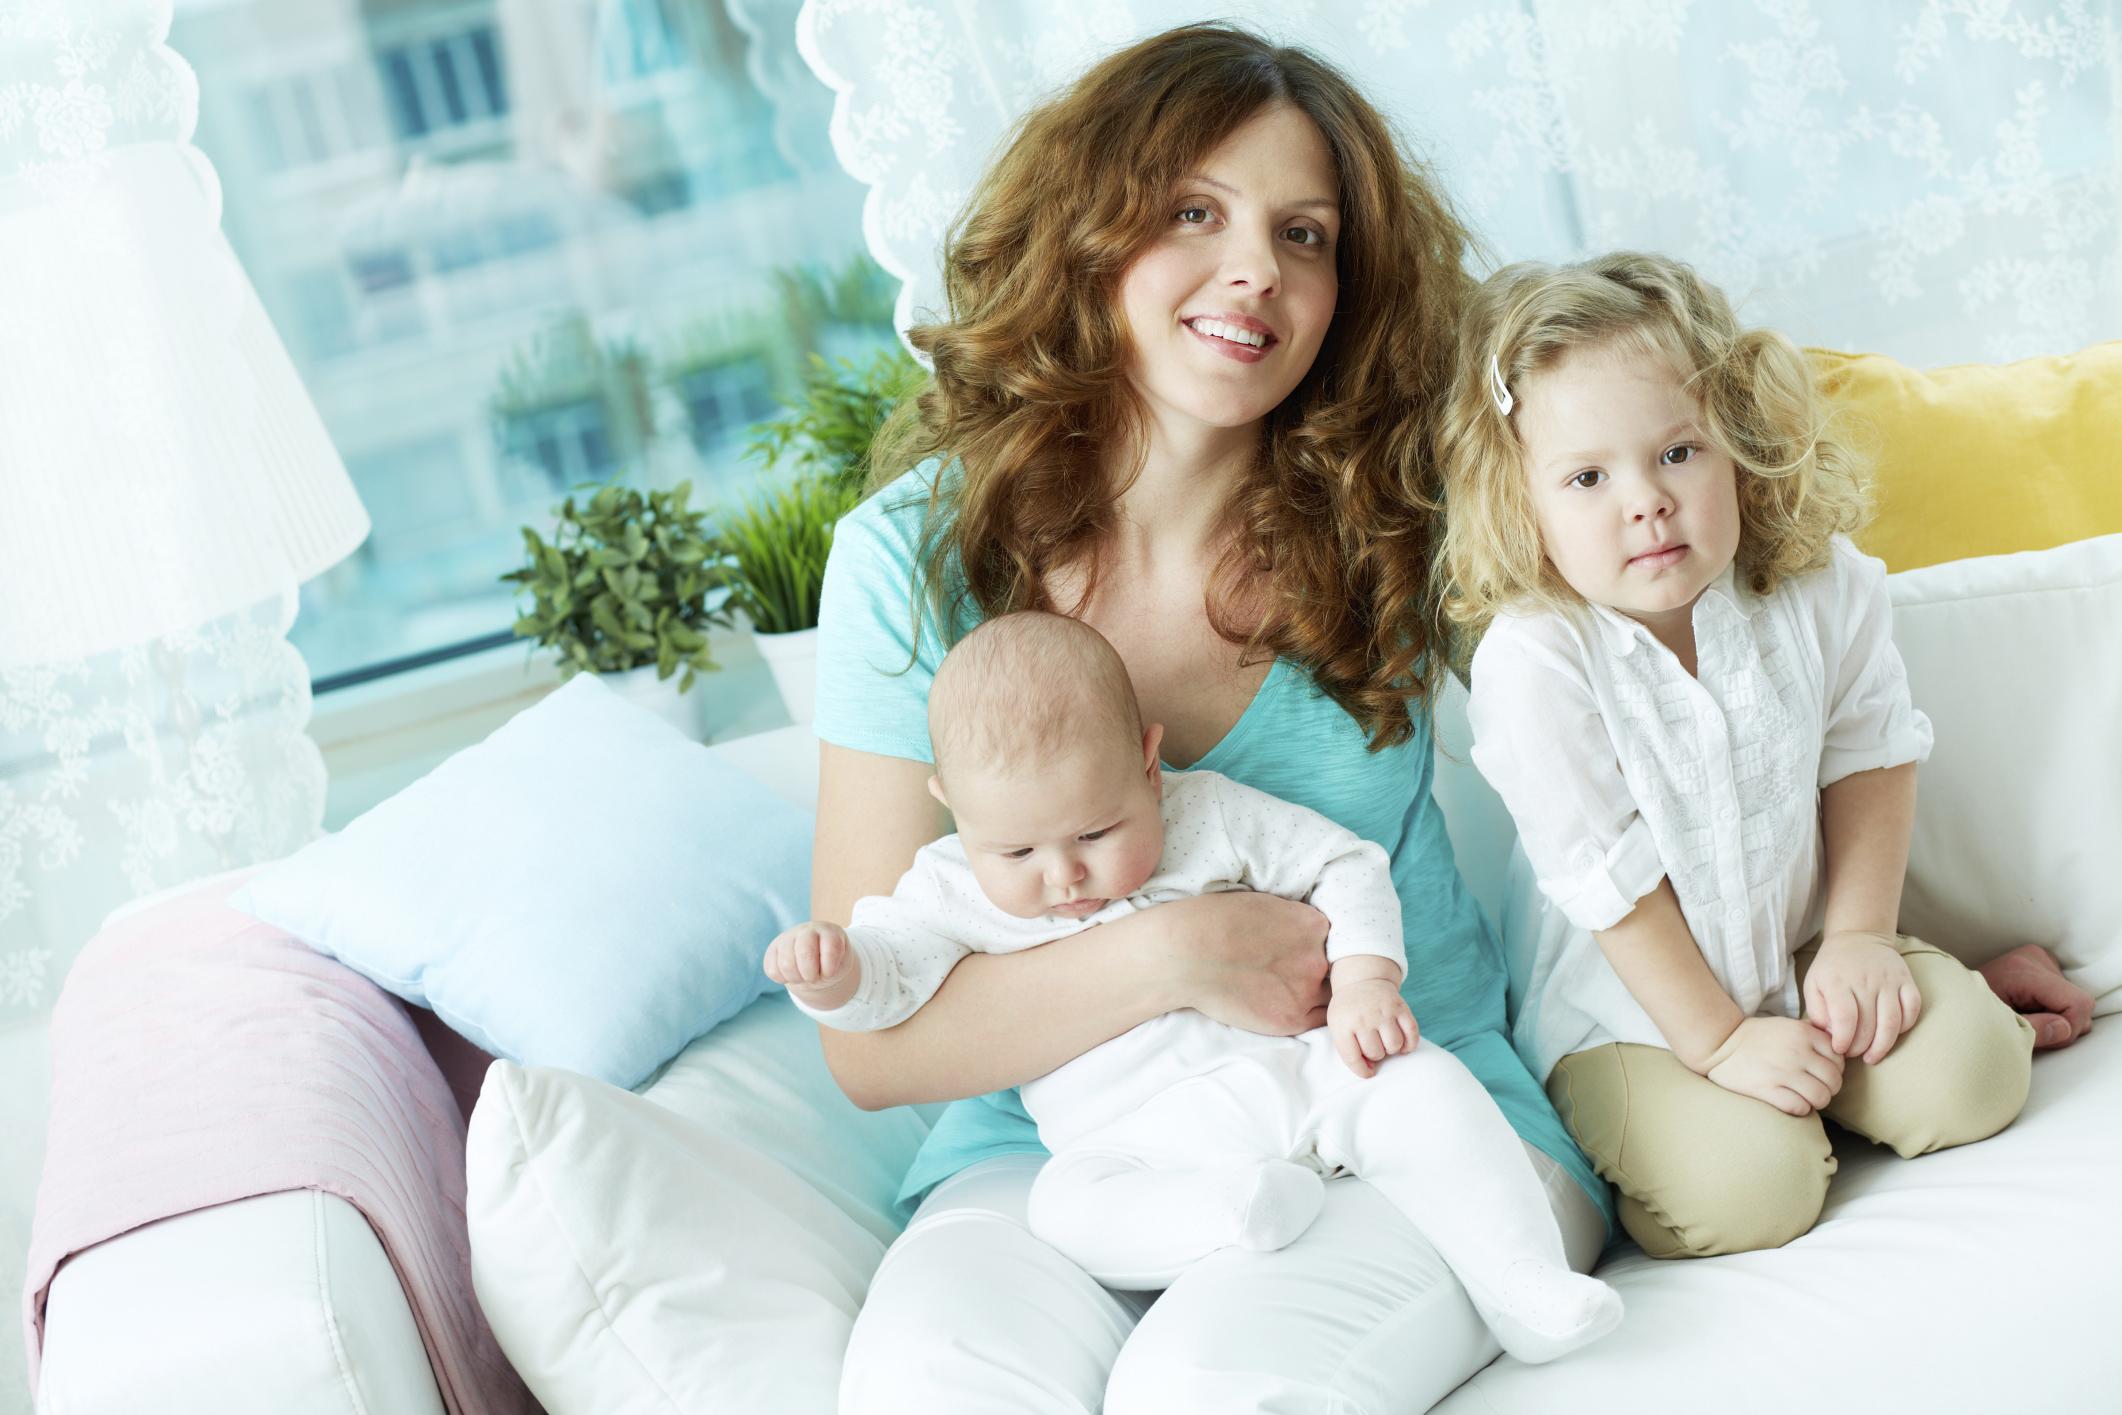 Memiliki Anak Kedua? Tips Menghadapi Balita dan Bayi Baru Lahir